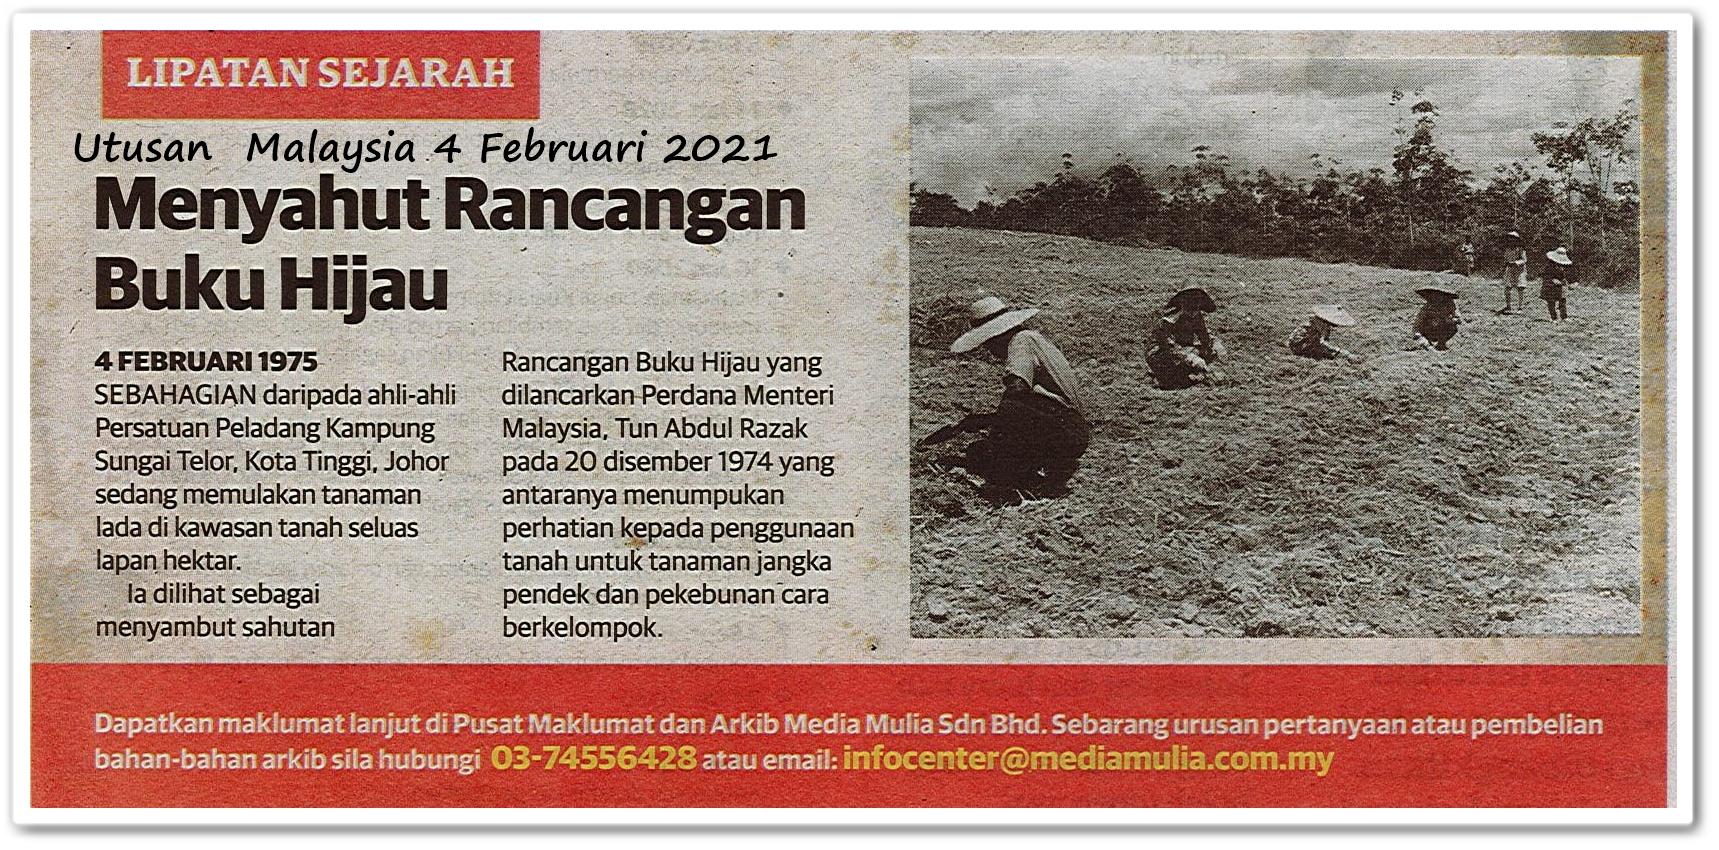 Lipatan sejarah ; Menyahut Rancangan Buku Hijau - Keratan akhbar Utusan Malaysia 4 Februari 2021